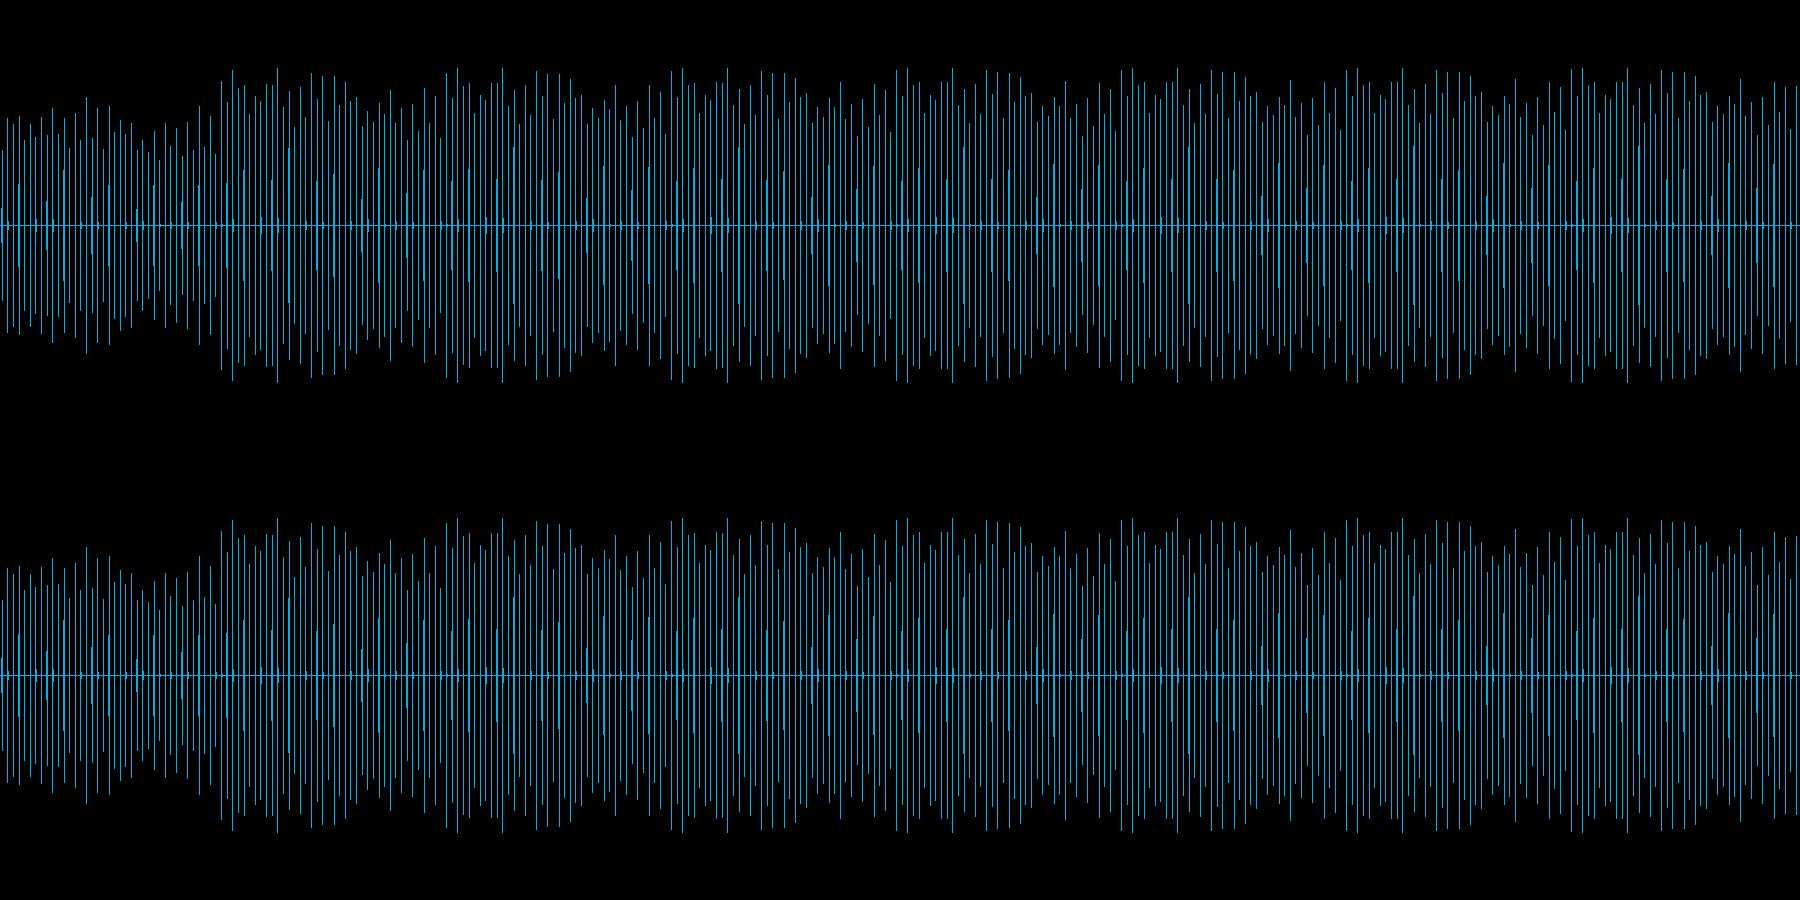 時計の音「チッチッチッチッチ・・・」の再生済みの波形